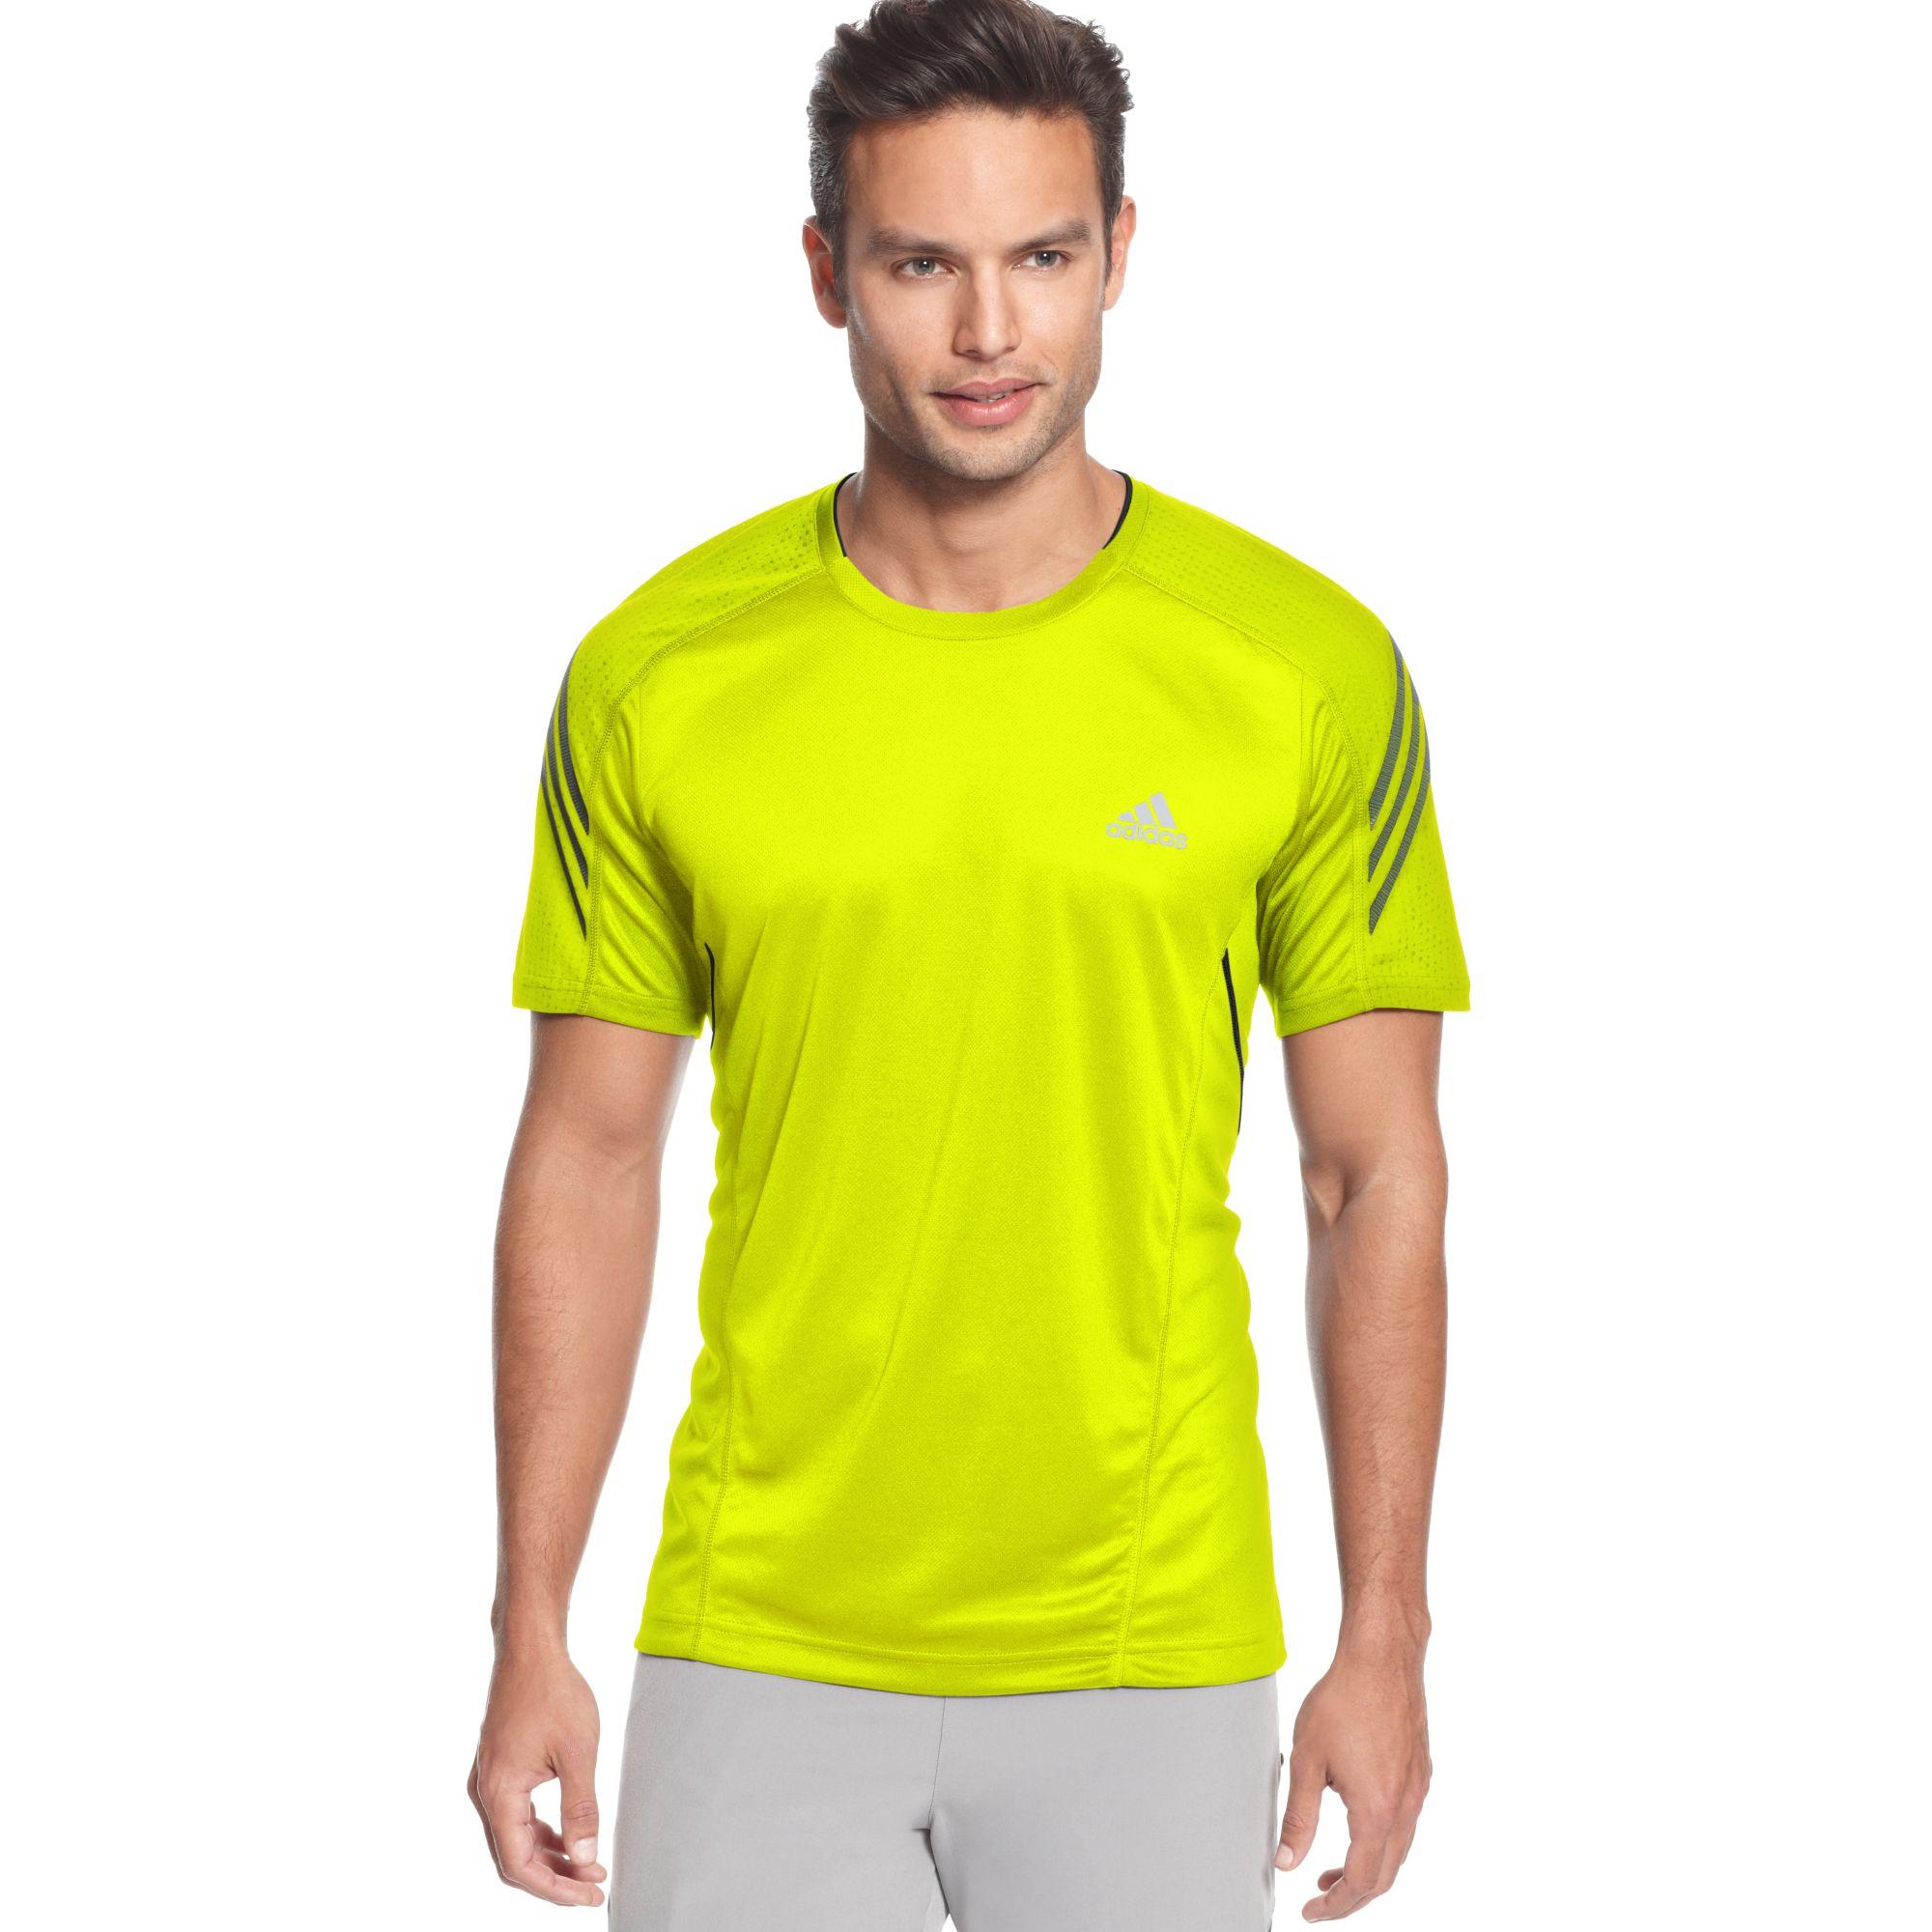 b17caab6b5008 Lyst - adidas Supernova Climacool Short Sleeve Running Tee in Yellow ...